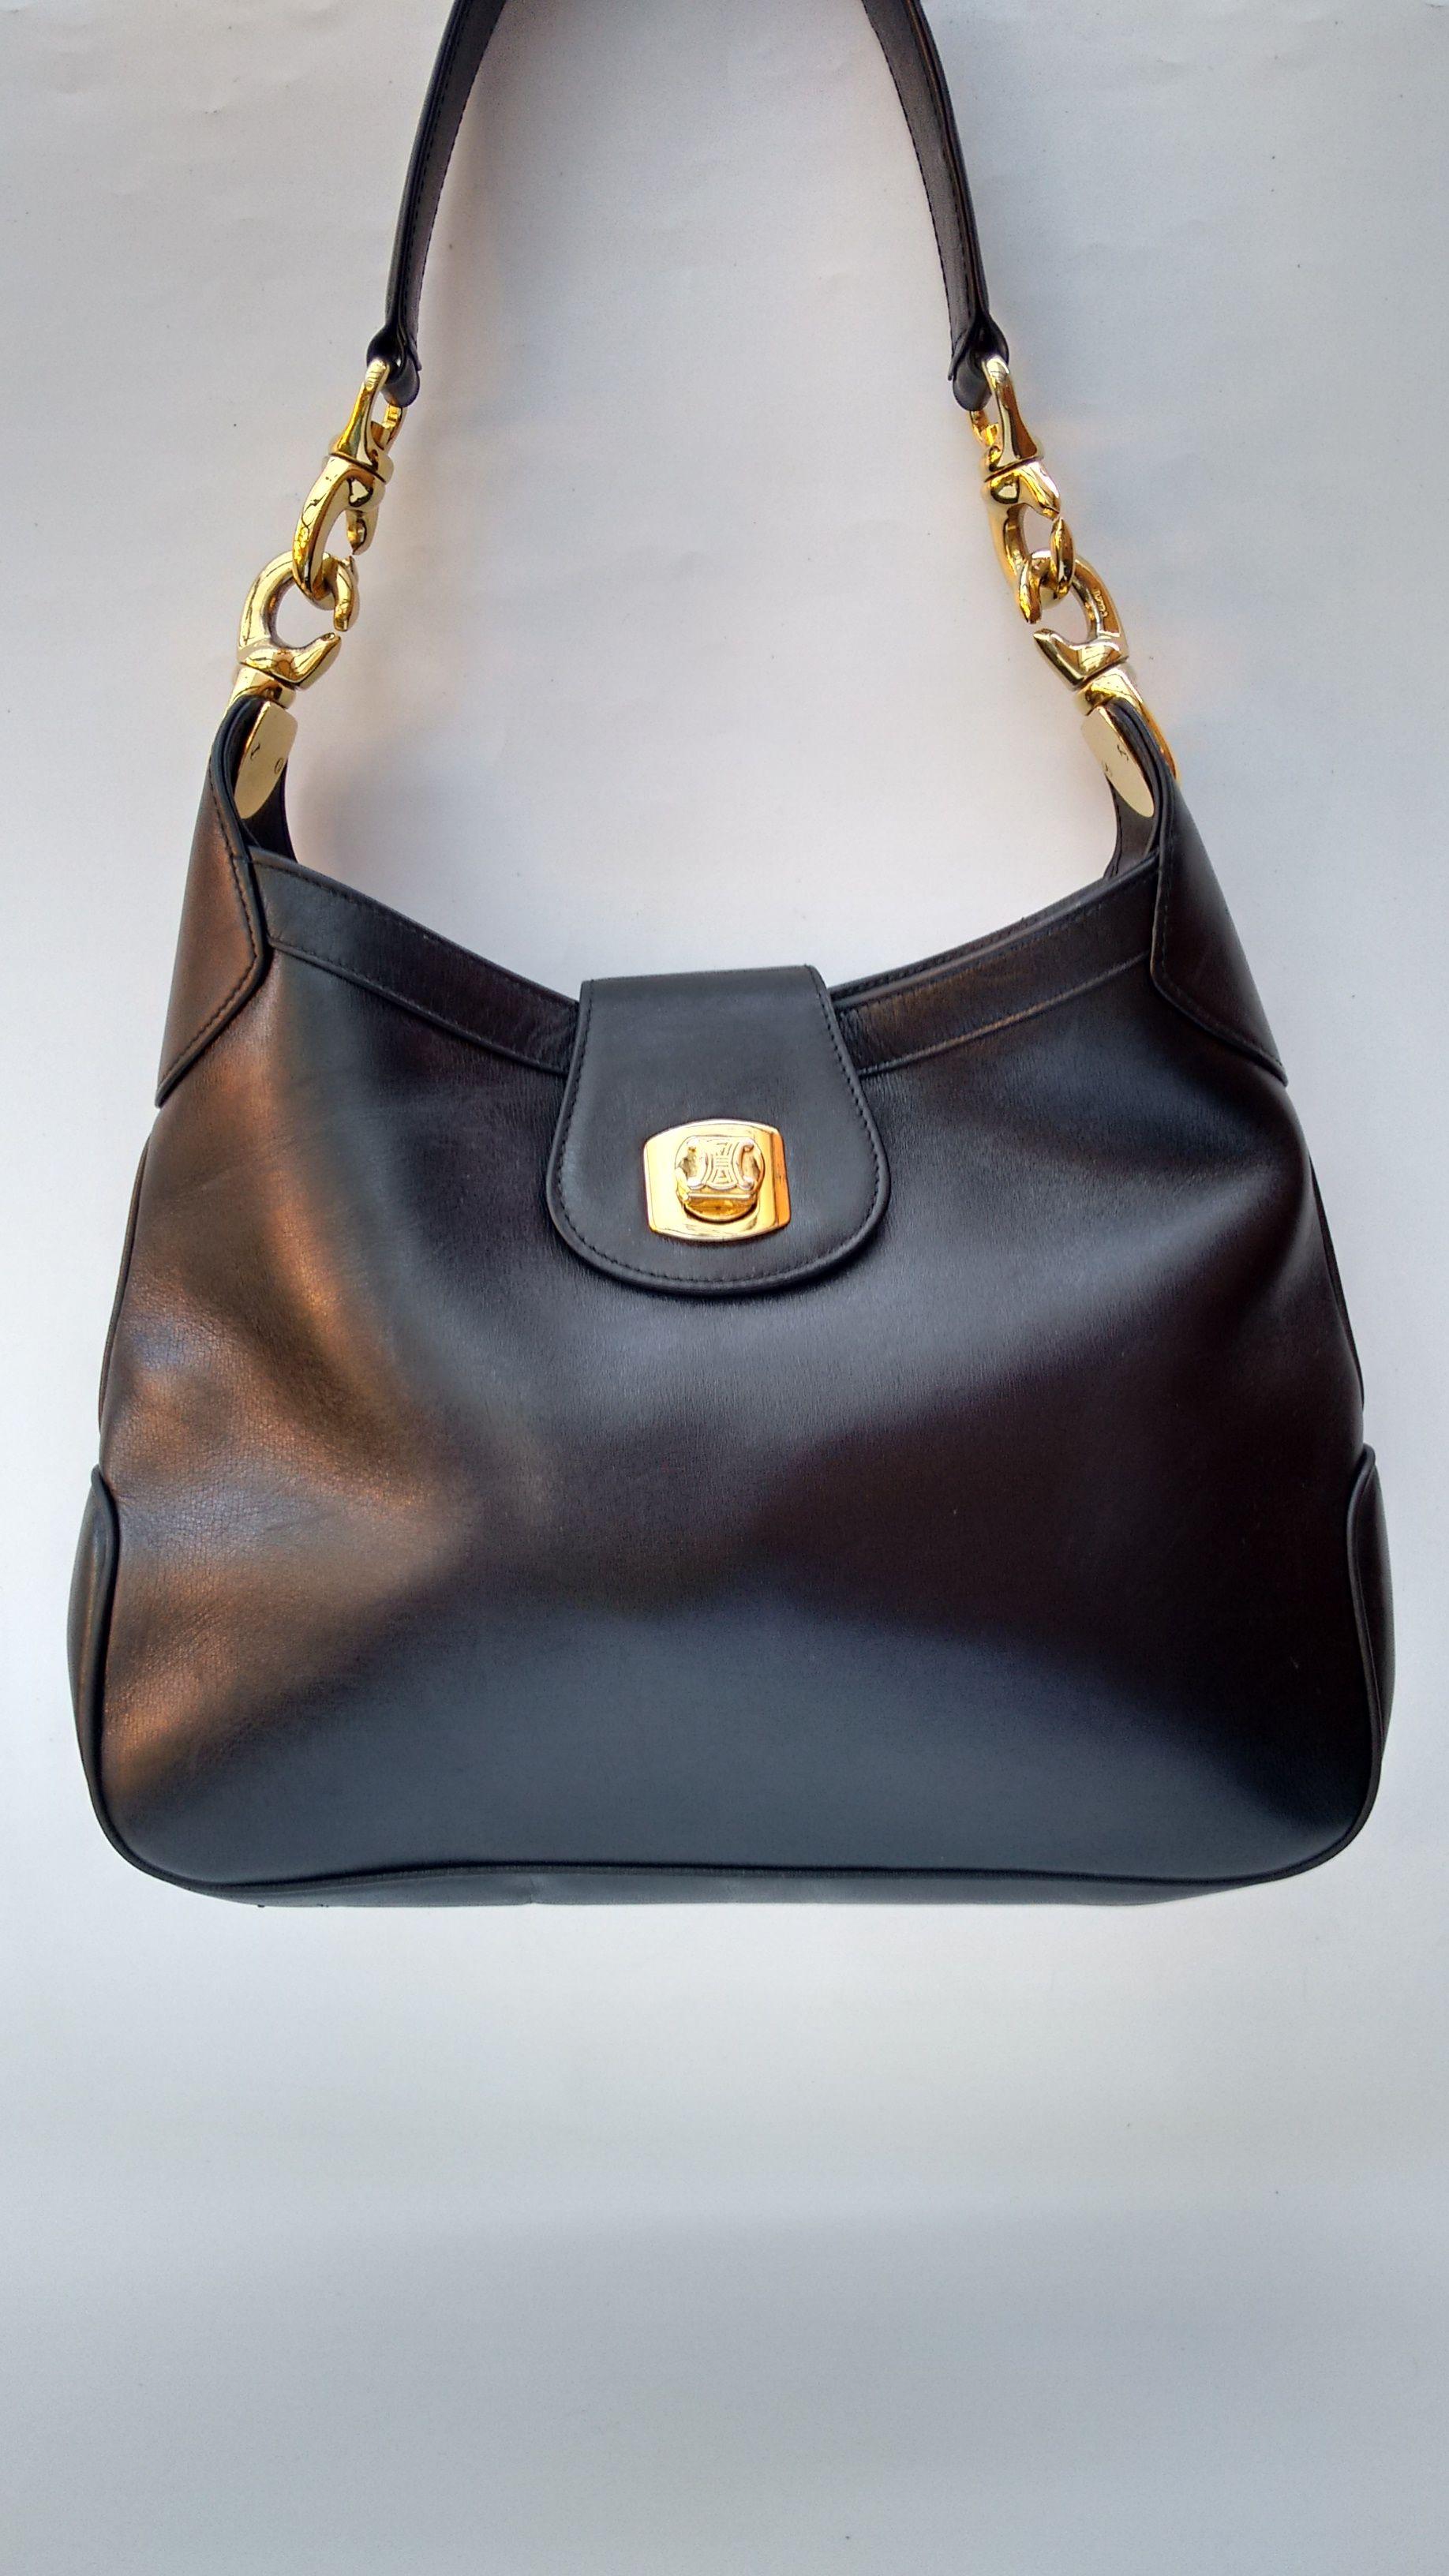 CELINE Bag. Celine Vintage Black Leather Shoulder Hobo Bag. French designer  purse. f03254de39112